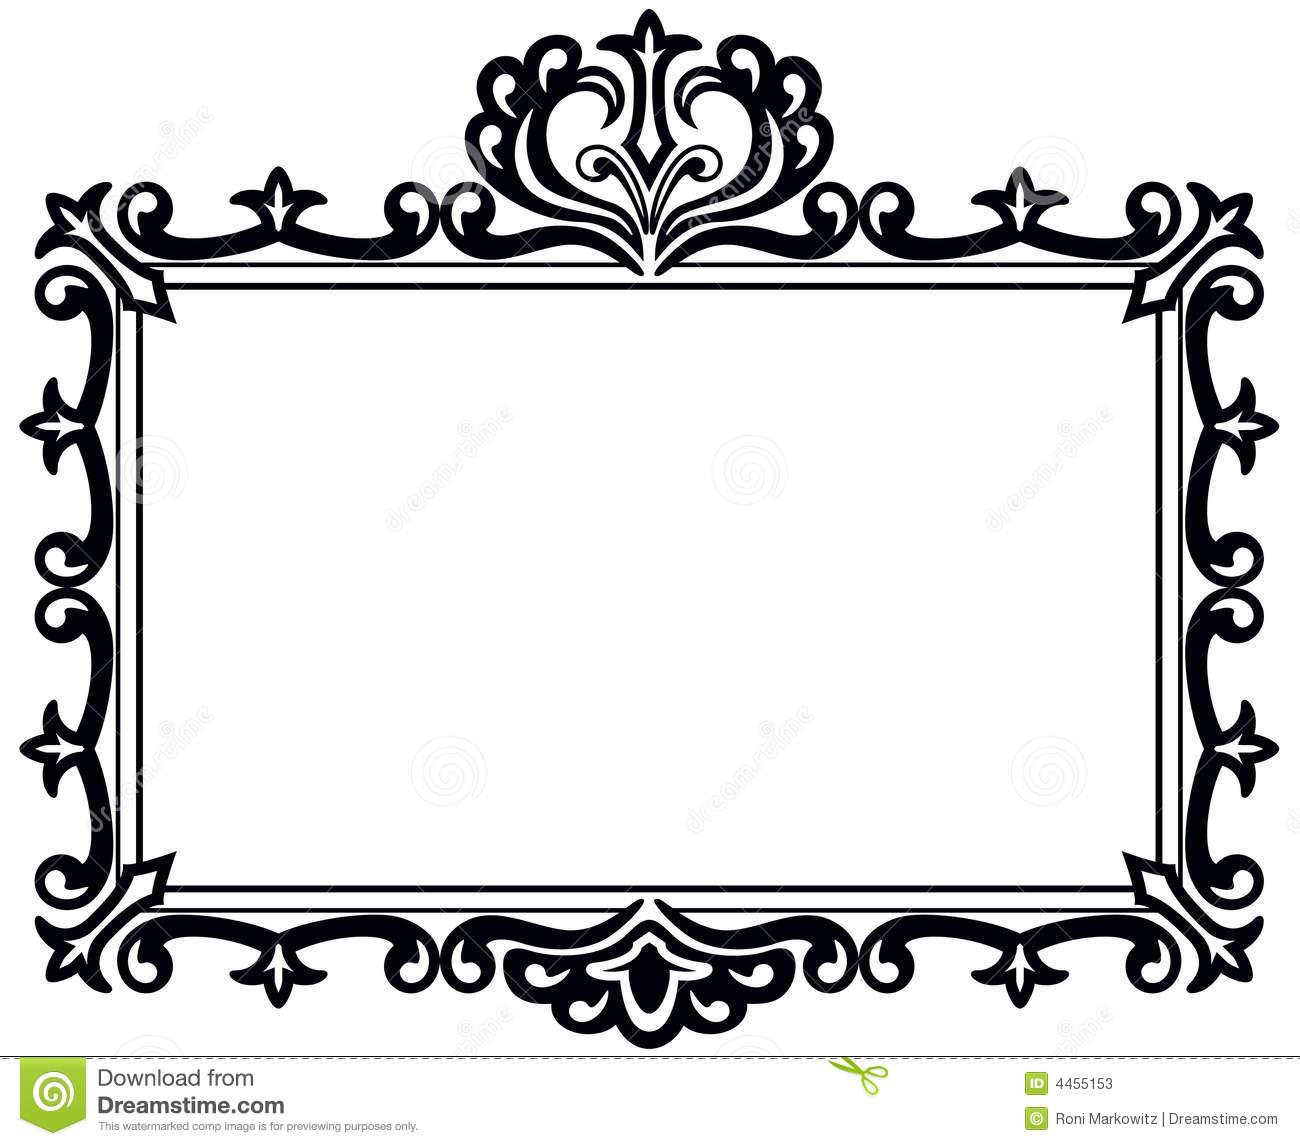 Scrolled Frames Free Download Best Scrolled Frames On